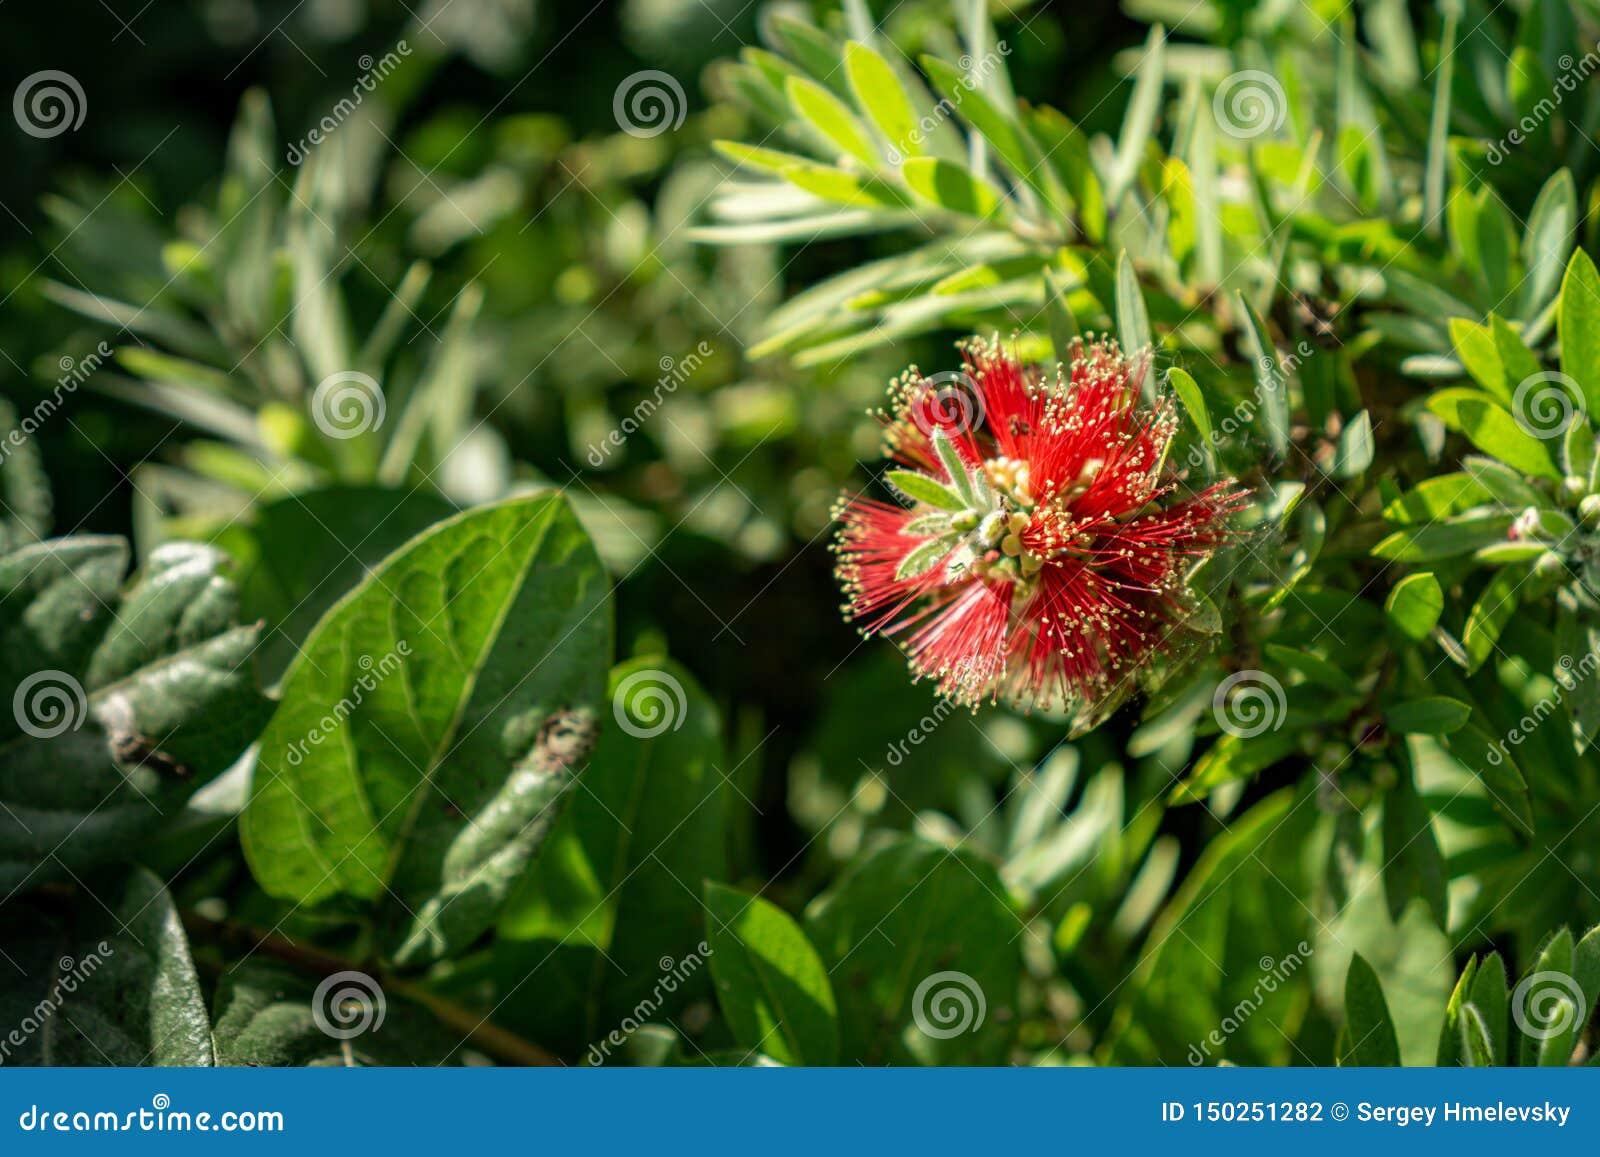 Floraison rouge pleurante de fleurs de bottlebrush